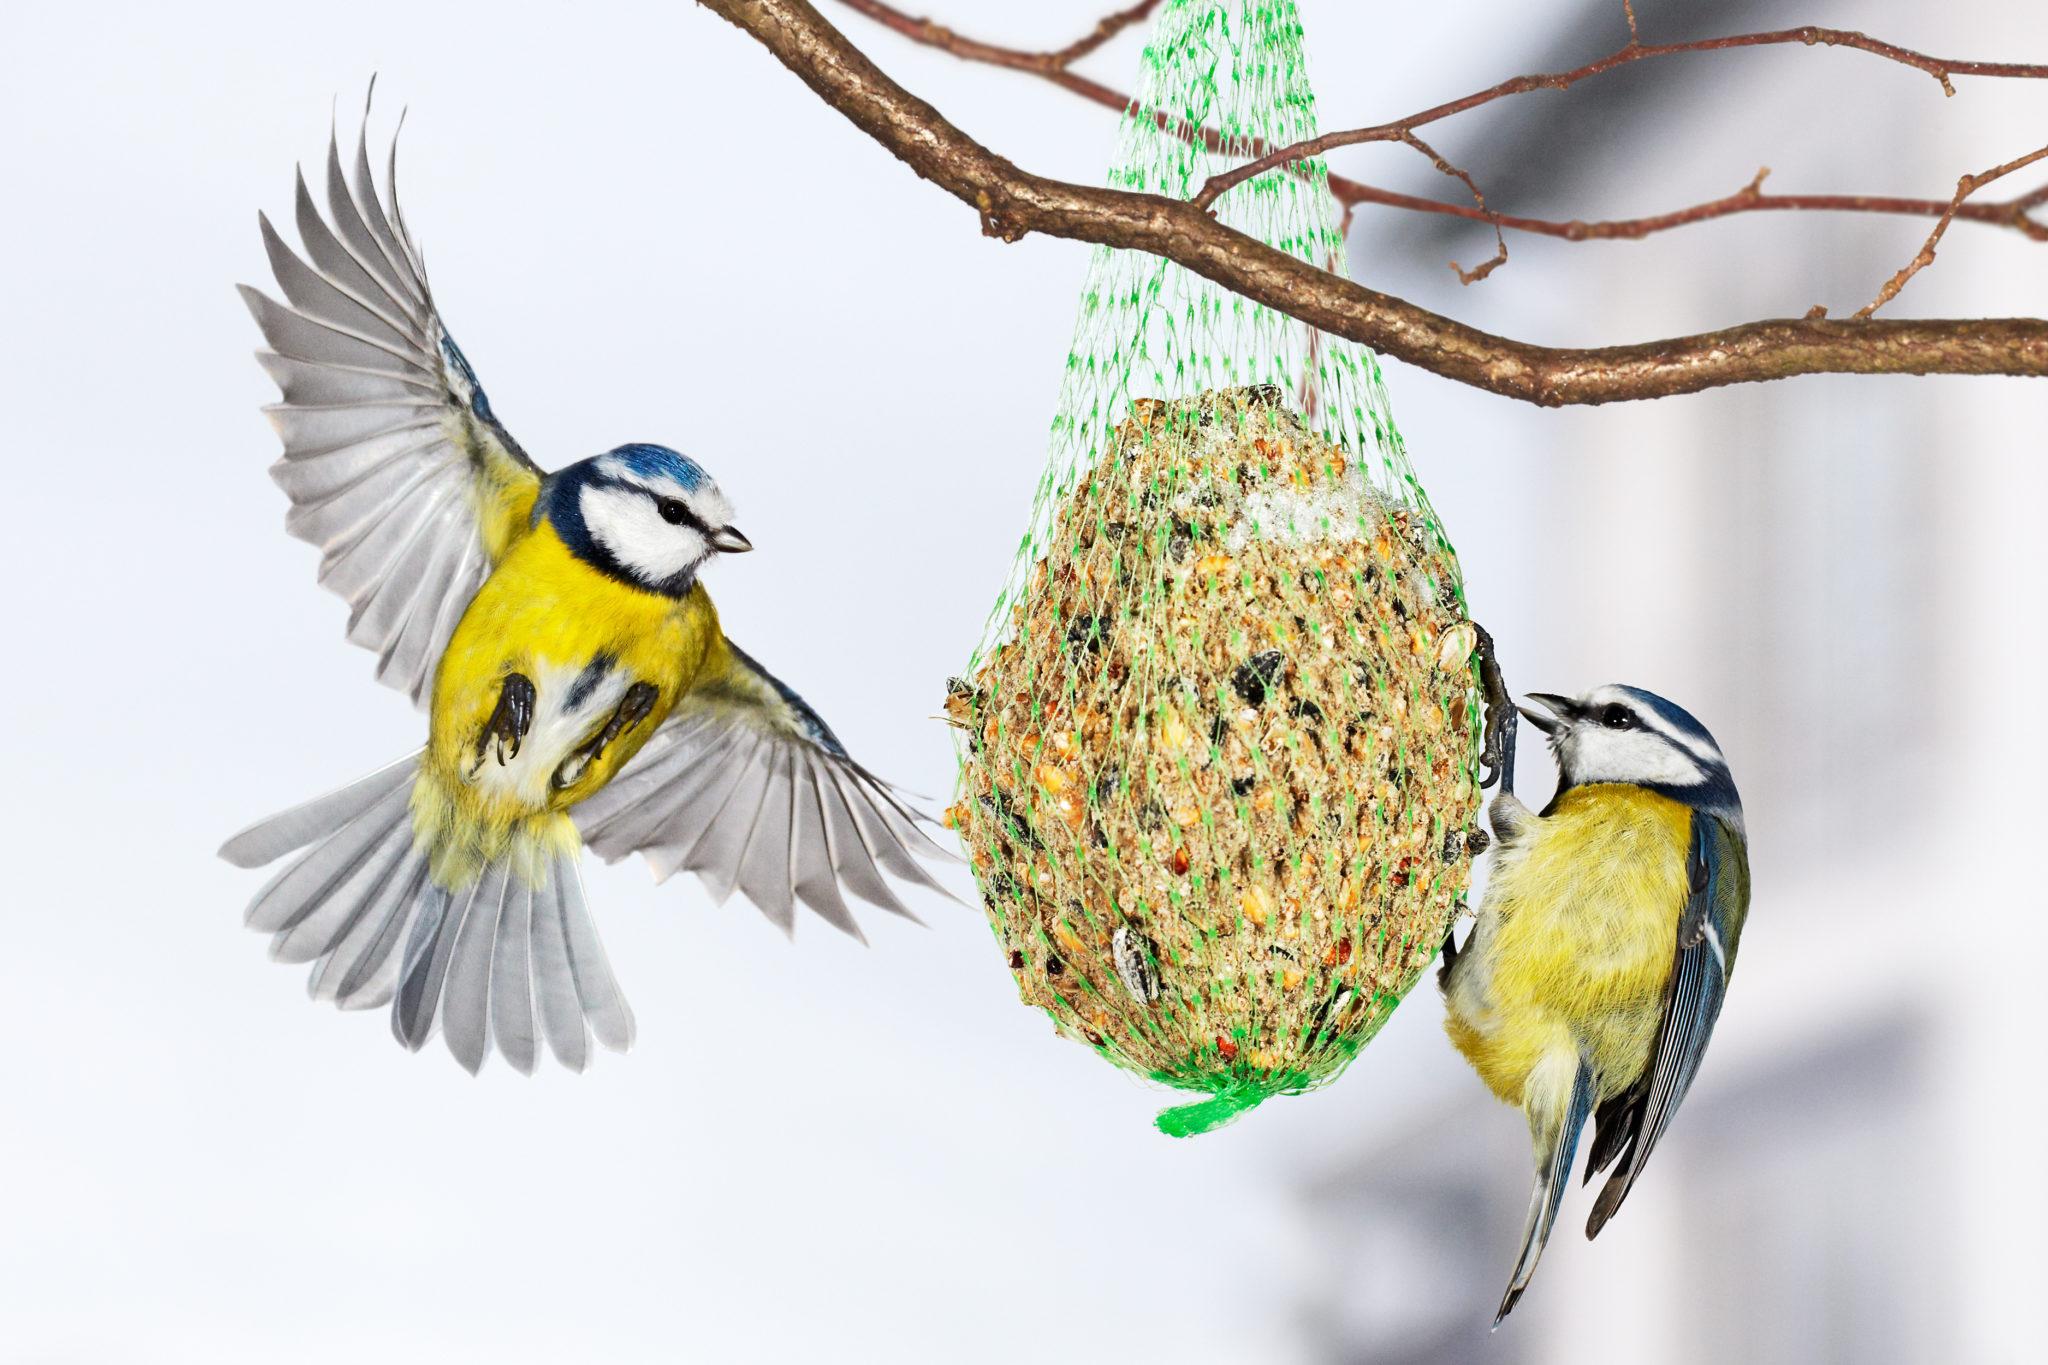 Cibo e casette per uccelli selvatici